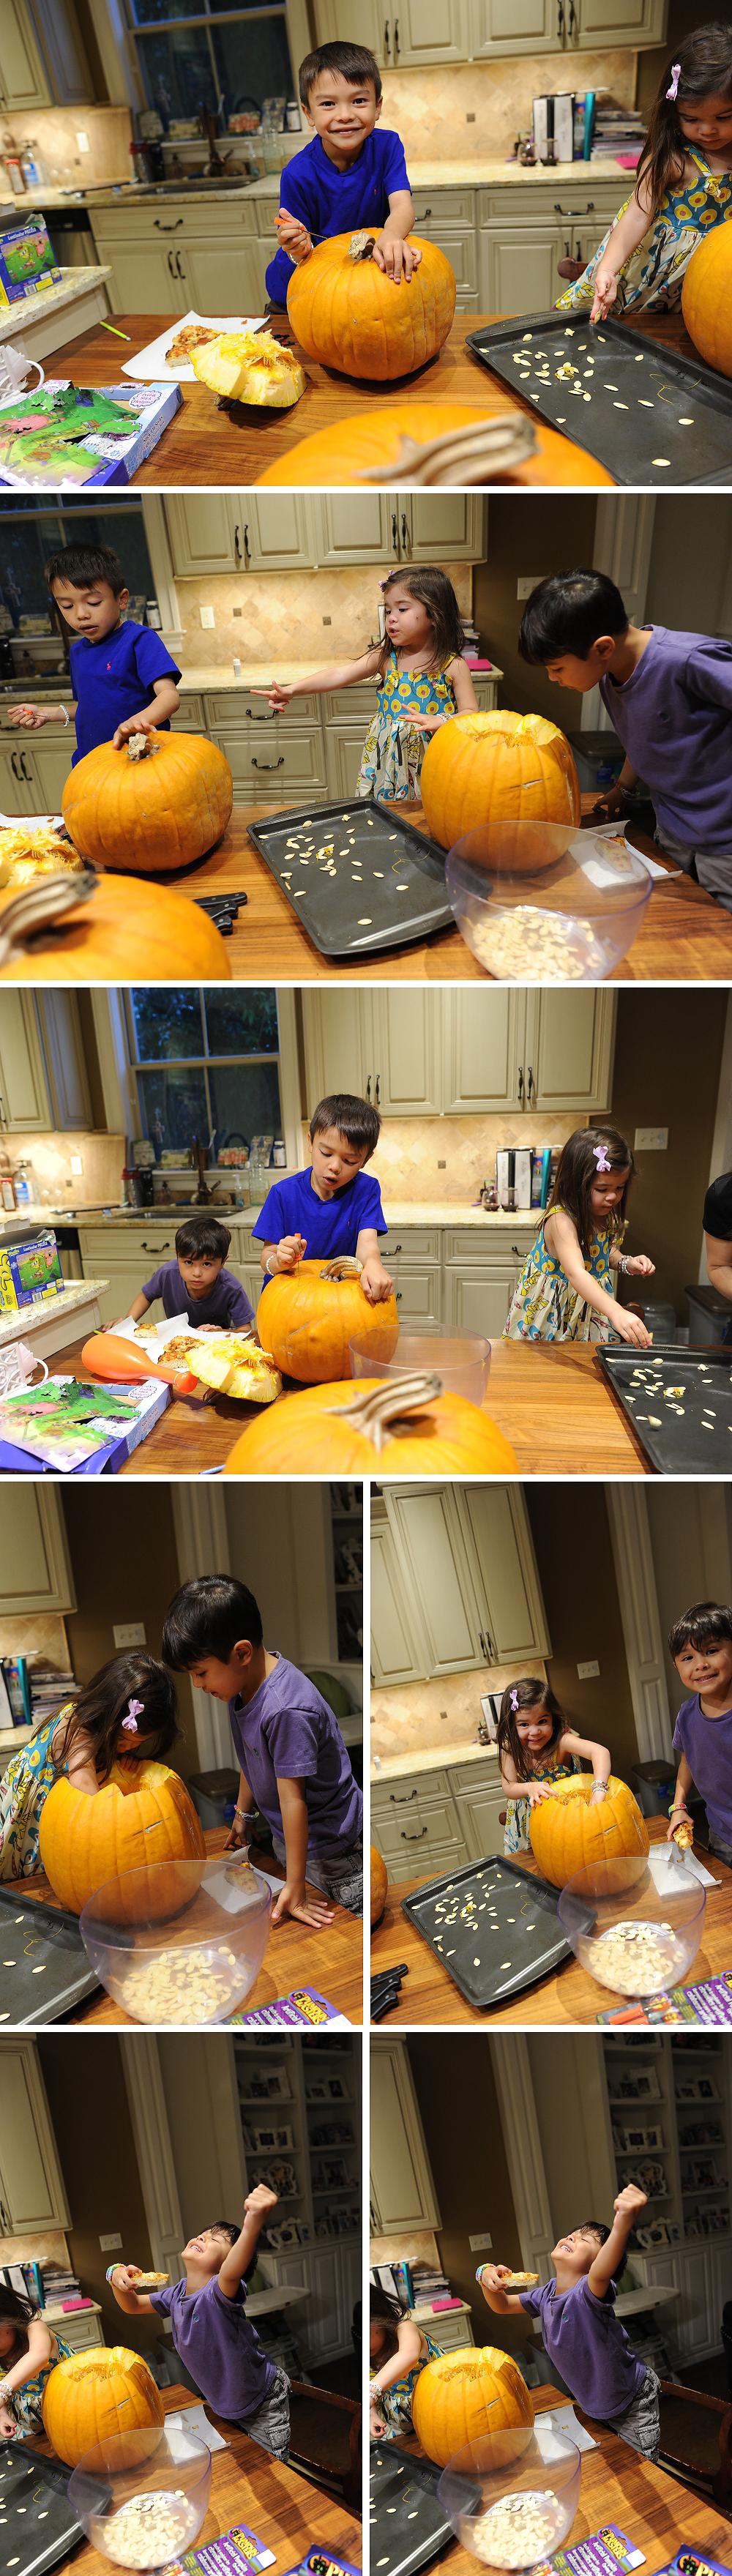 family blog 6